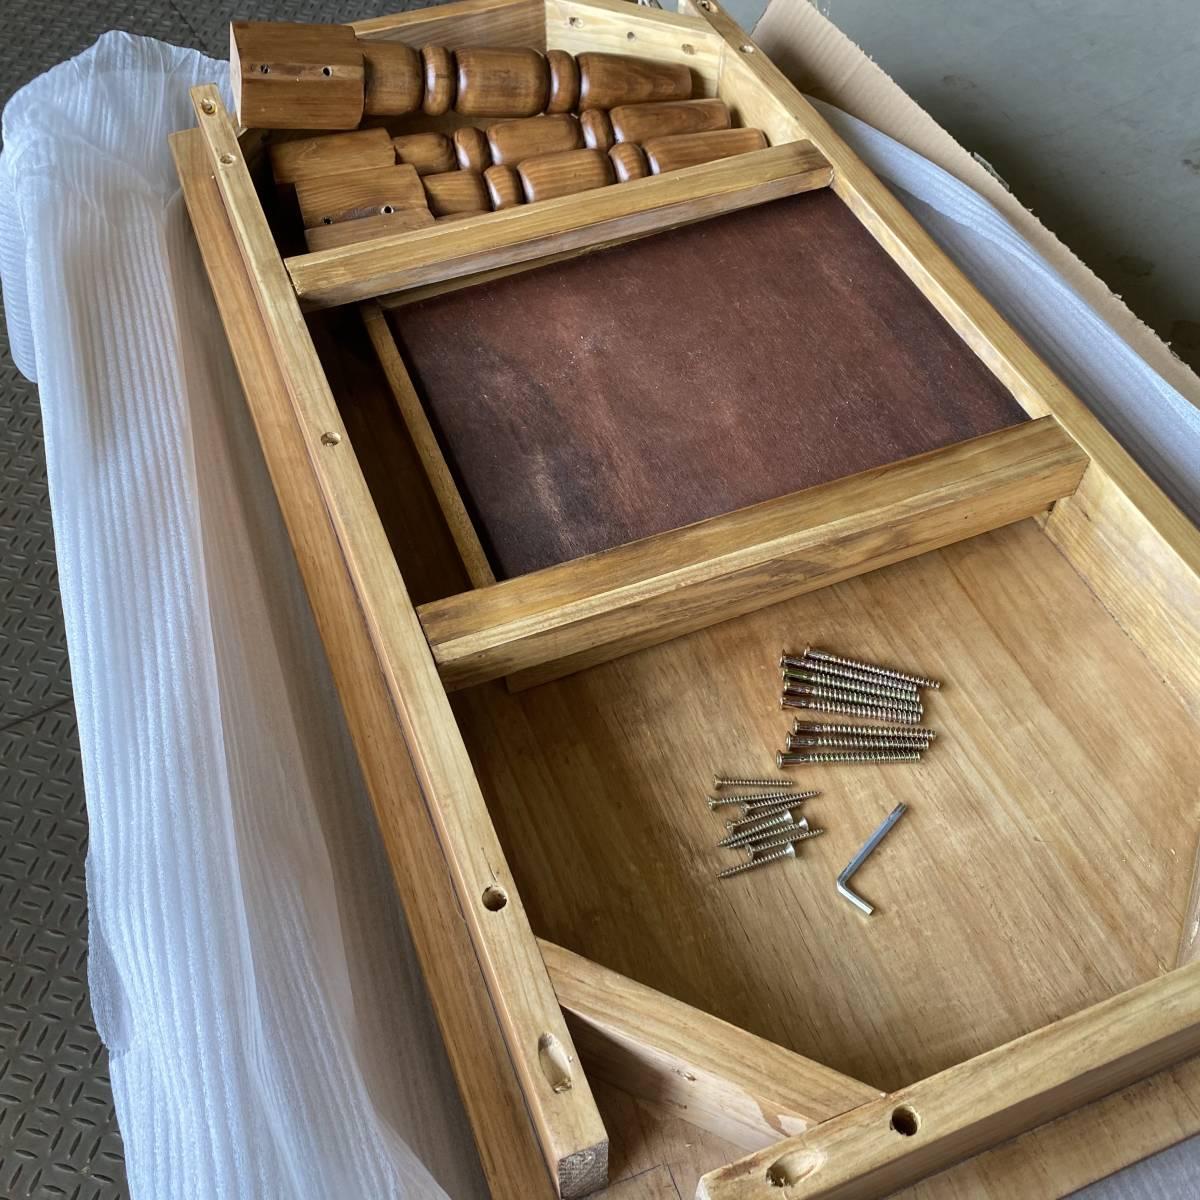 送料無料、カントリー北欧風アンティーク調パイン材チェストテーブル☆木製松材材天然無垢材、デスク、机、引き出し付き、座卓、置き台_画像8